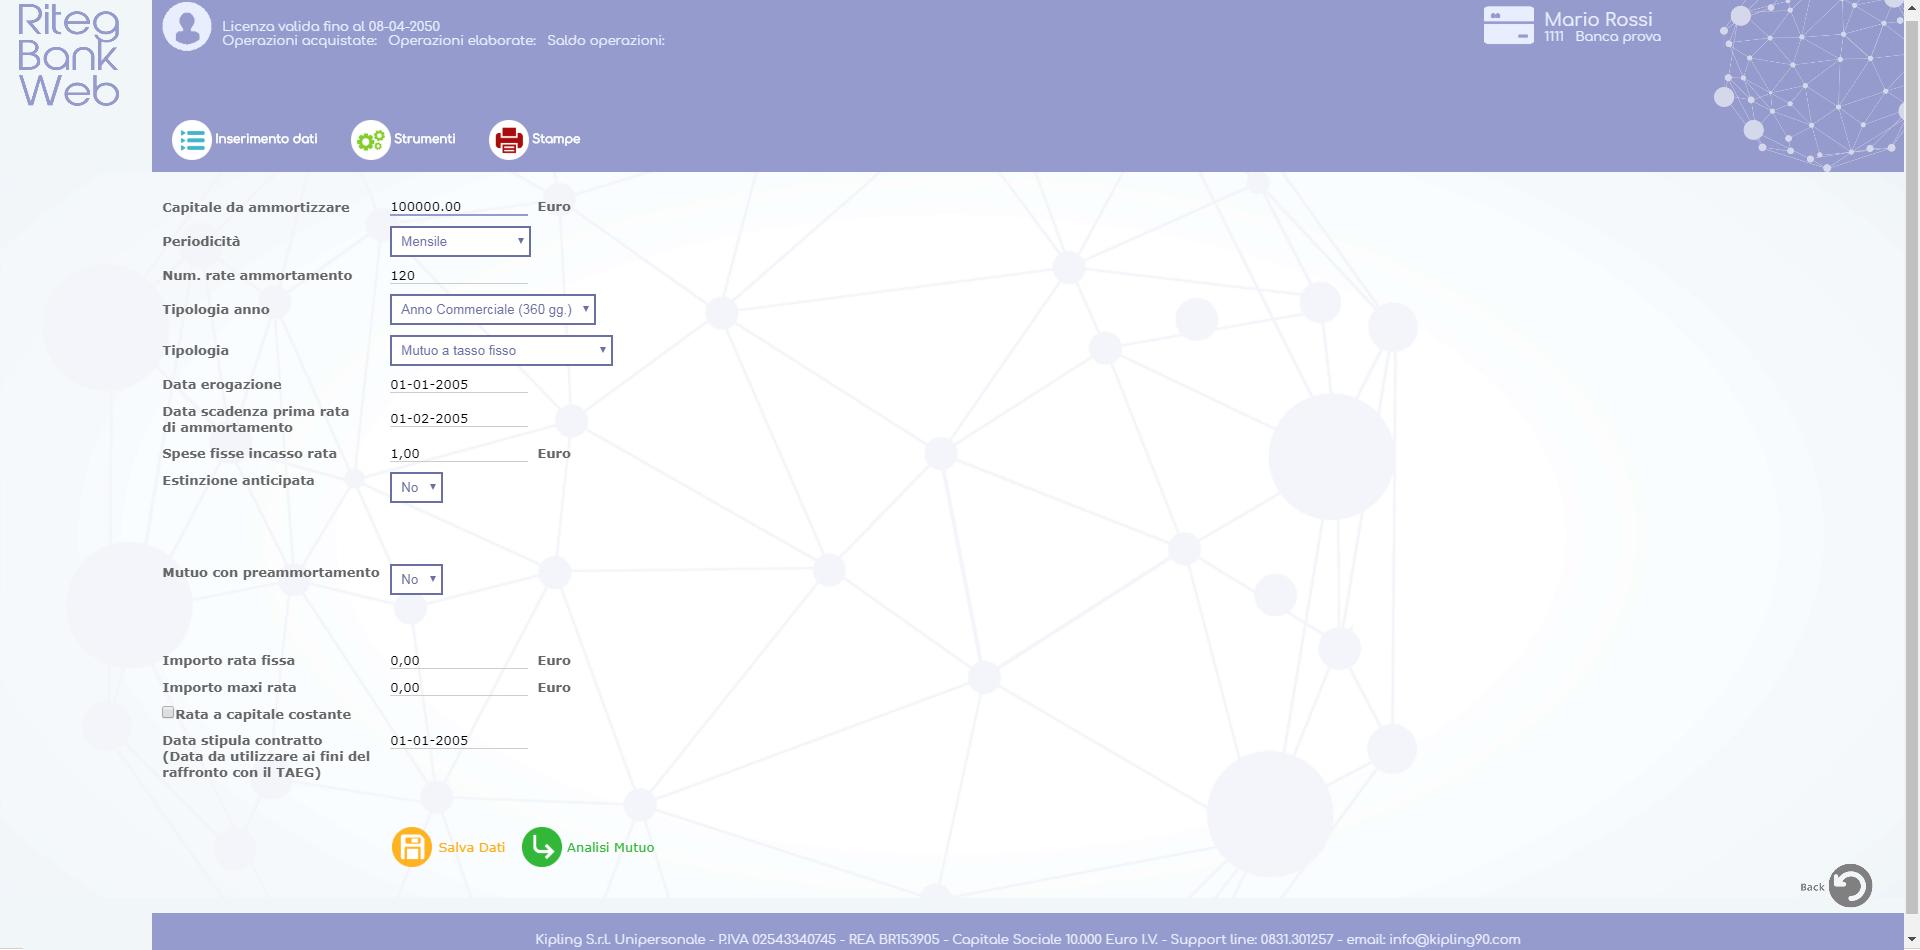 Riteg Bank Web - Dati base mutuo